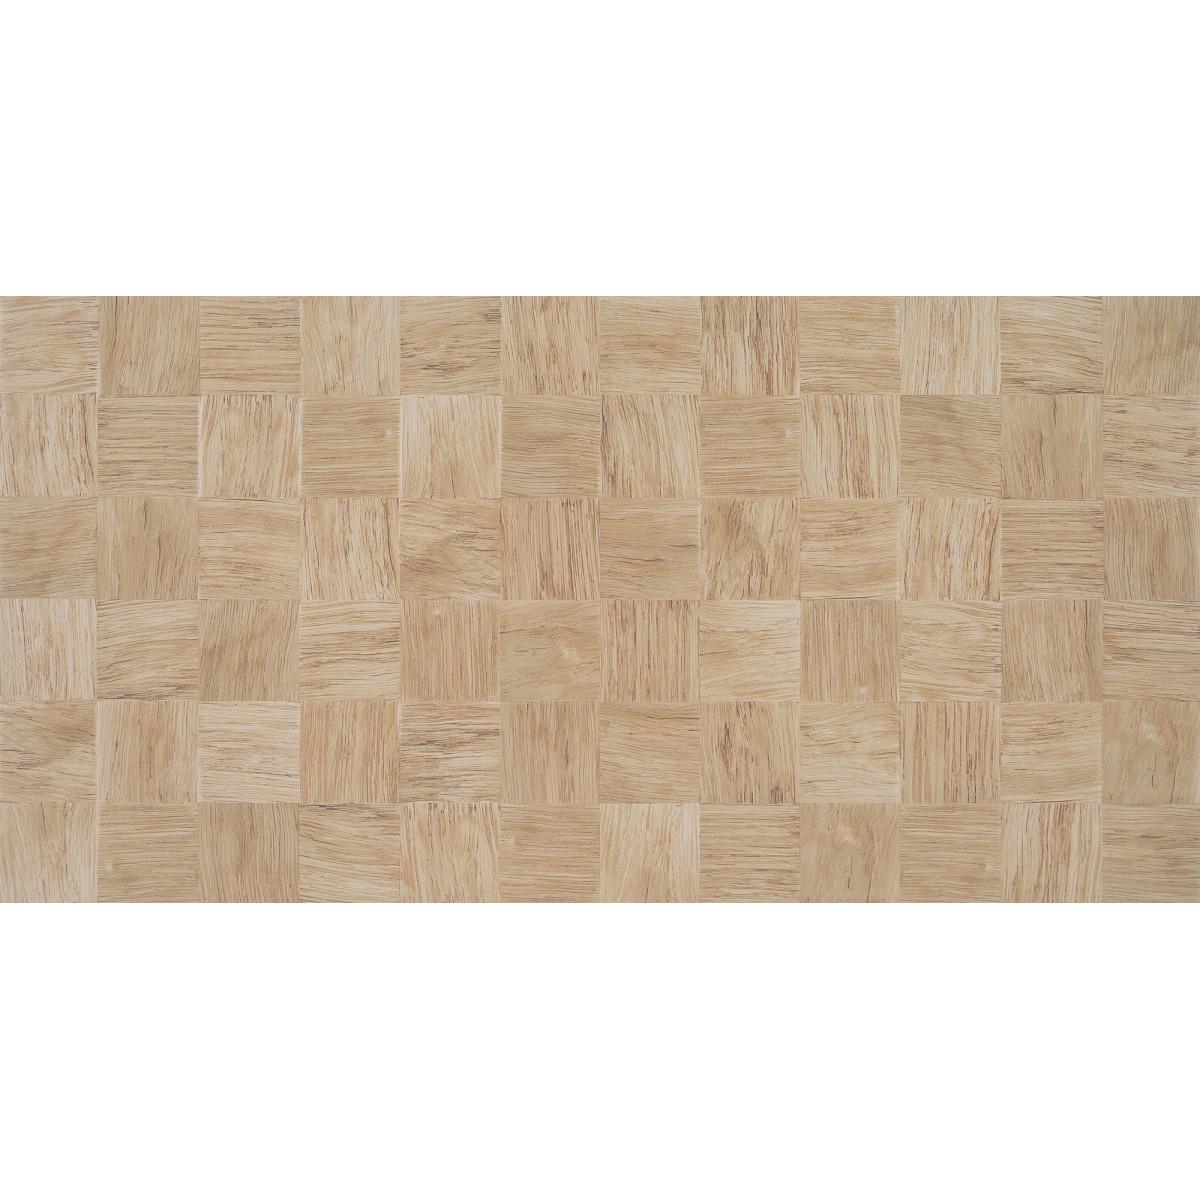 Плитка настенная Country Wood 30х60 см 1.35 м2 цвет бежевый